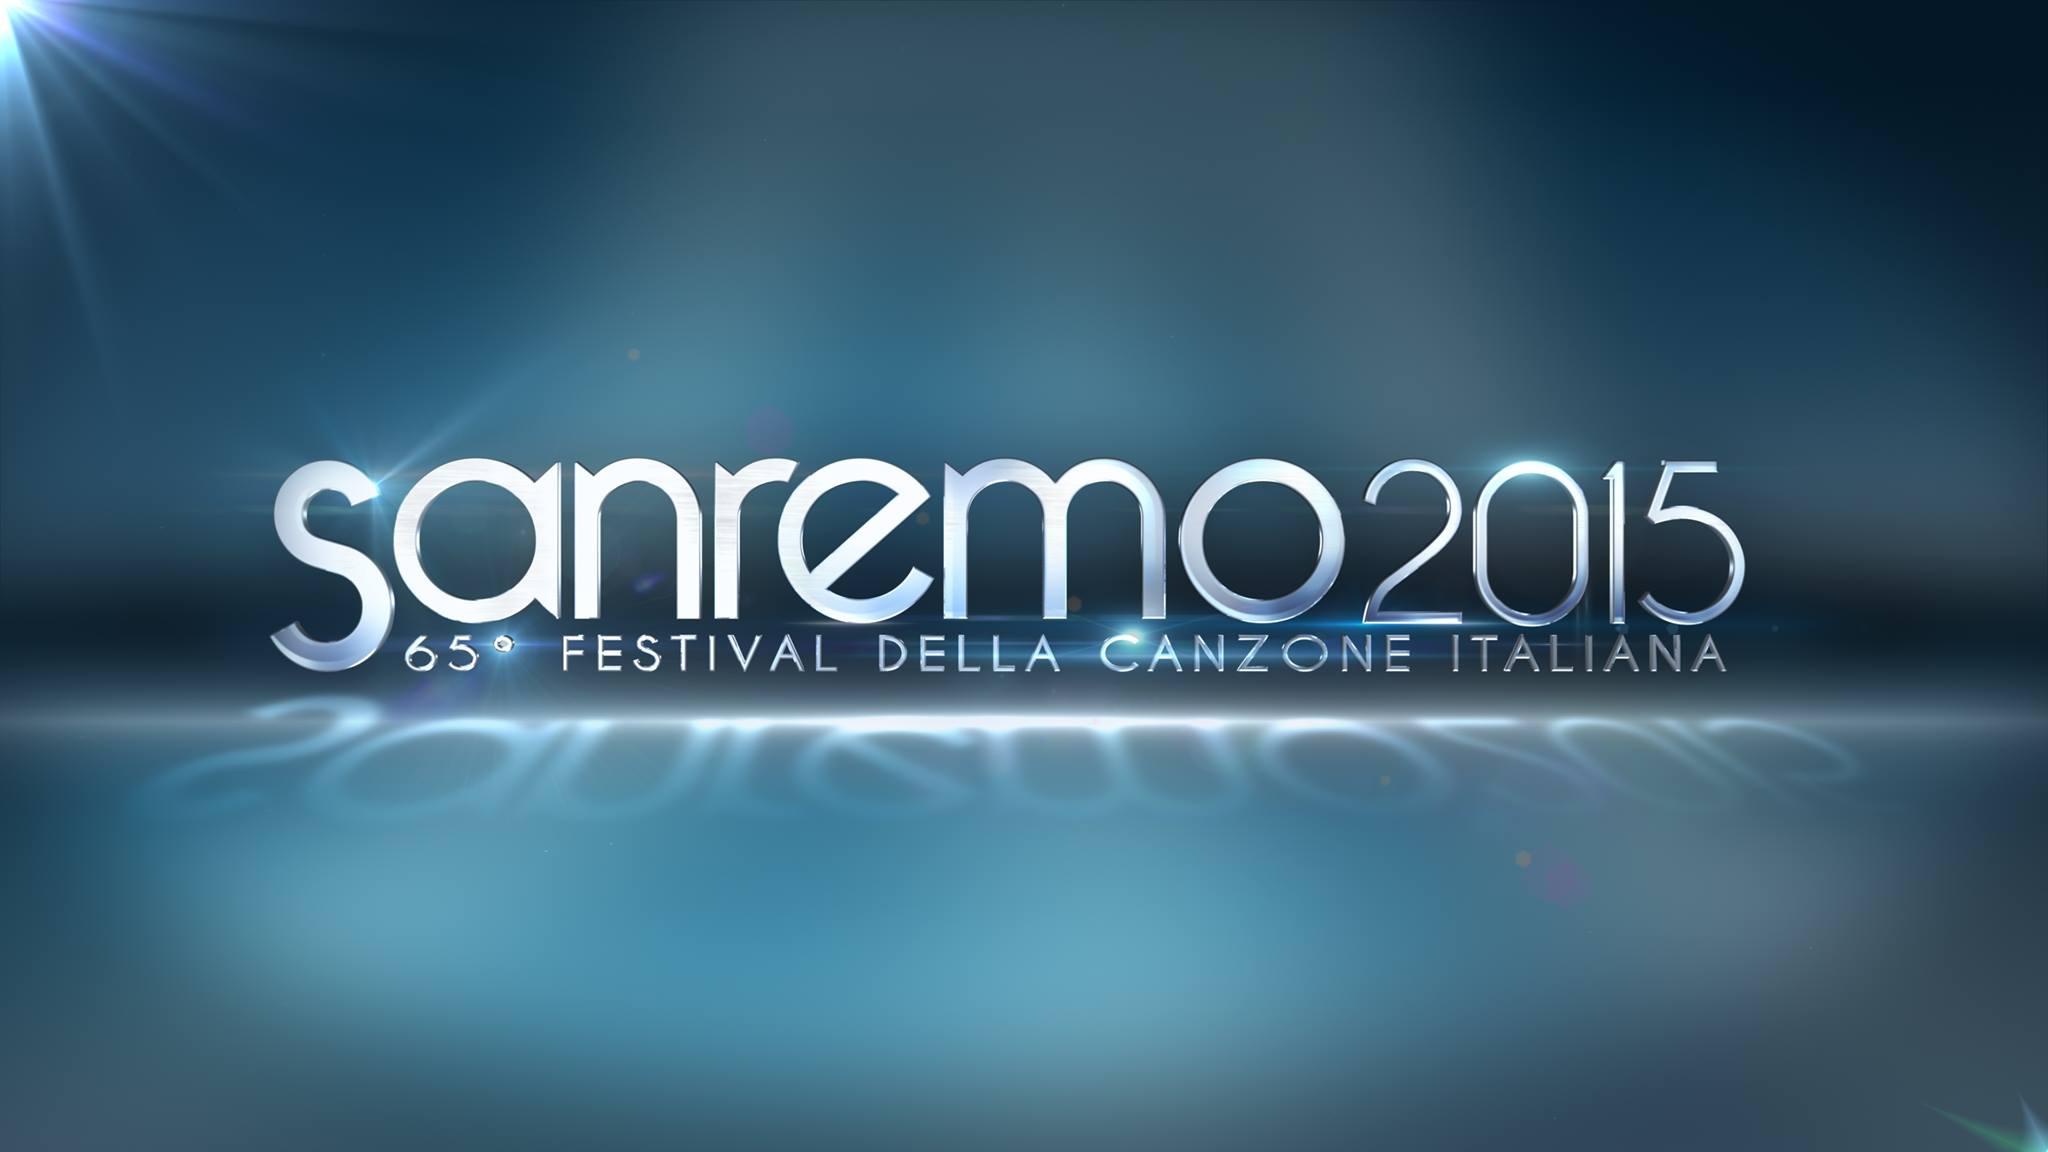 Festival di Sanremo 2015, cantanti in gara: Marco Carta e Valerio Scanu ci riprovano?